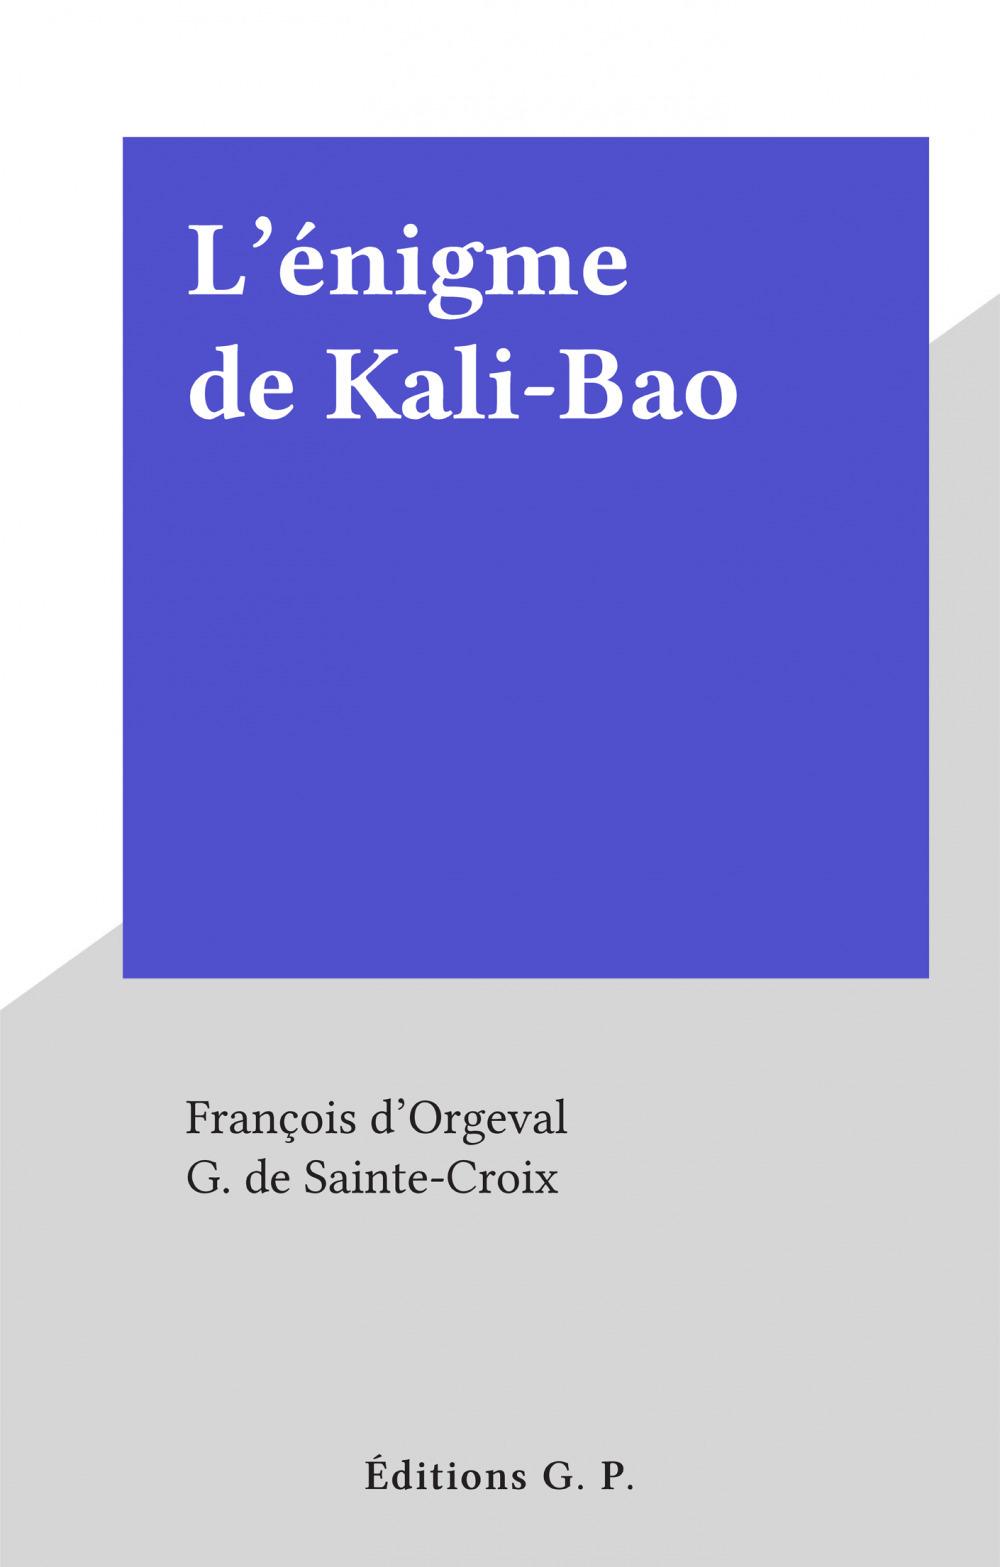 L'énigme de Kali-Bao